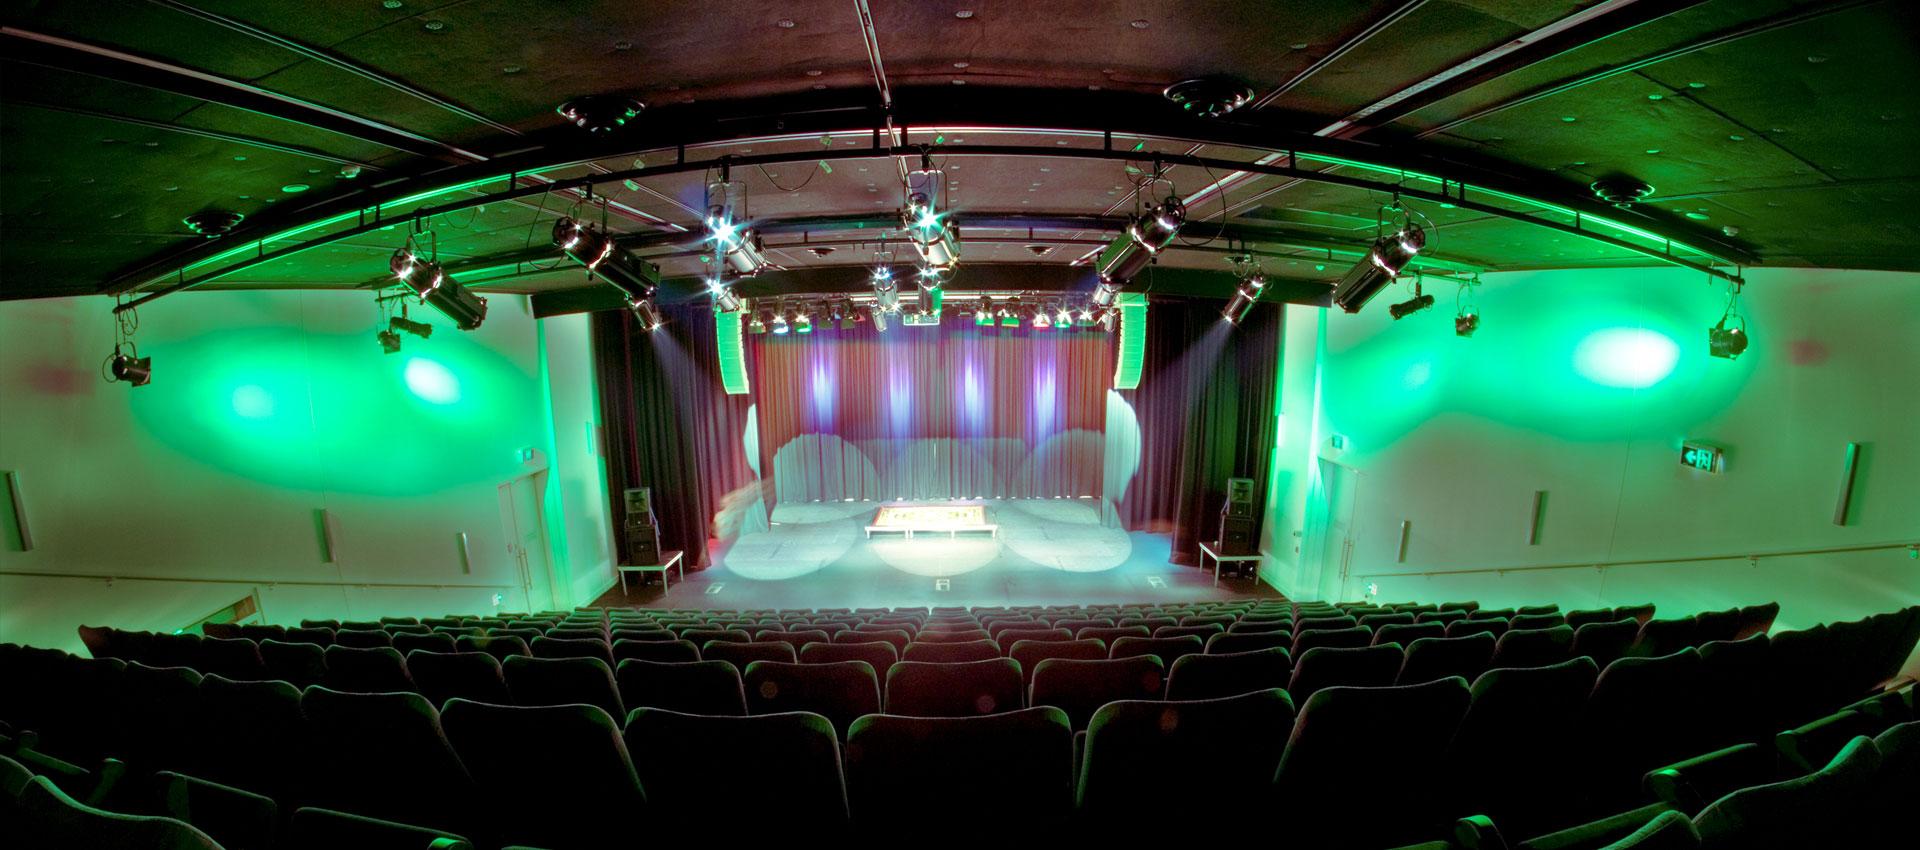 QMC Venue Hire Brisbane - Auditorium